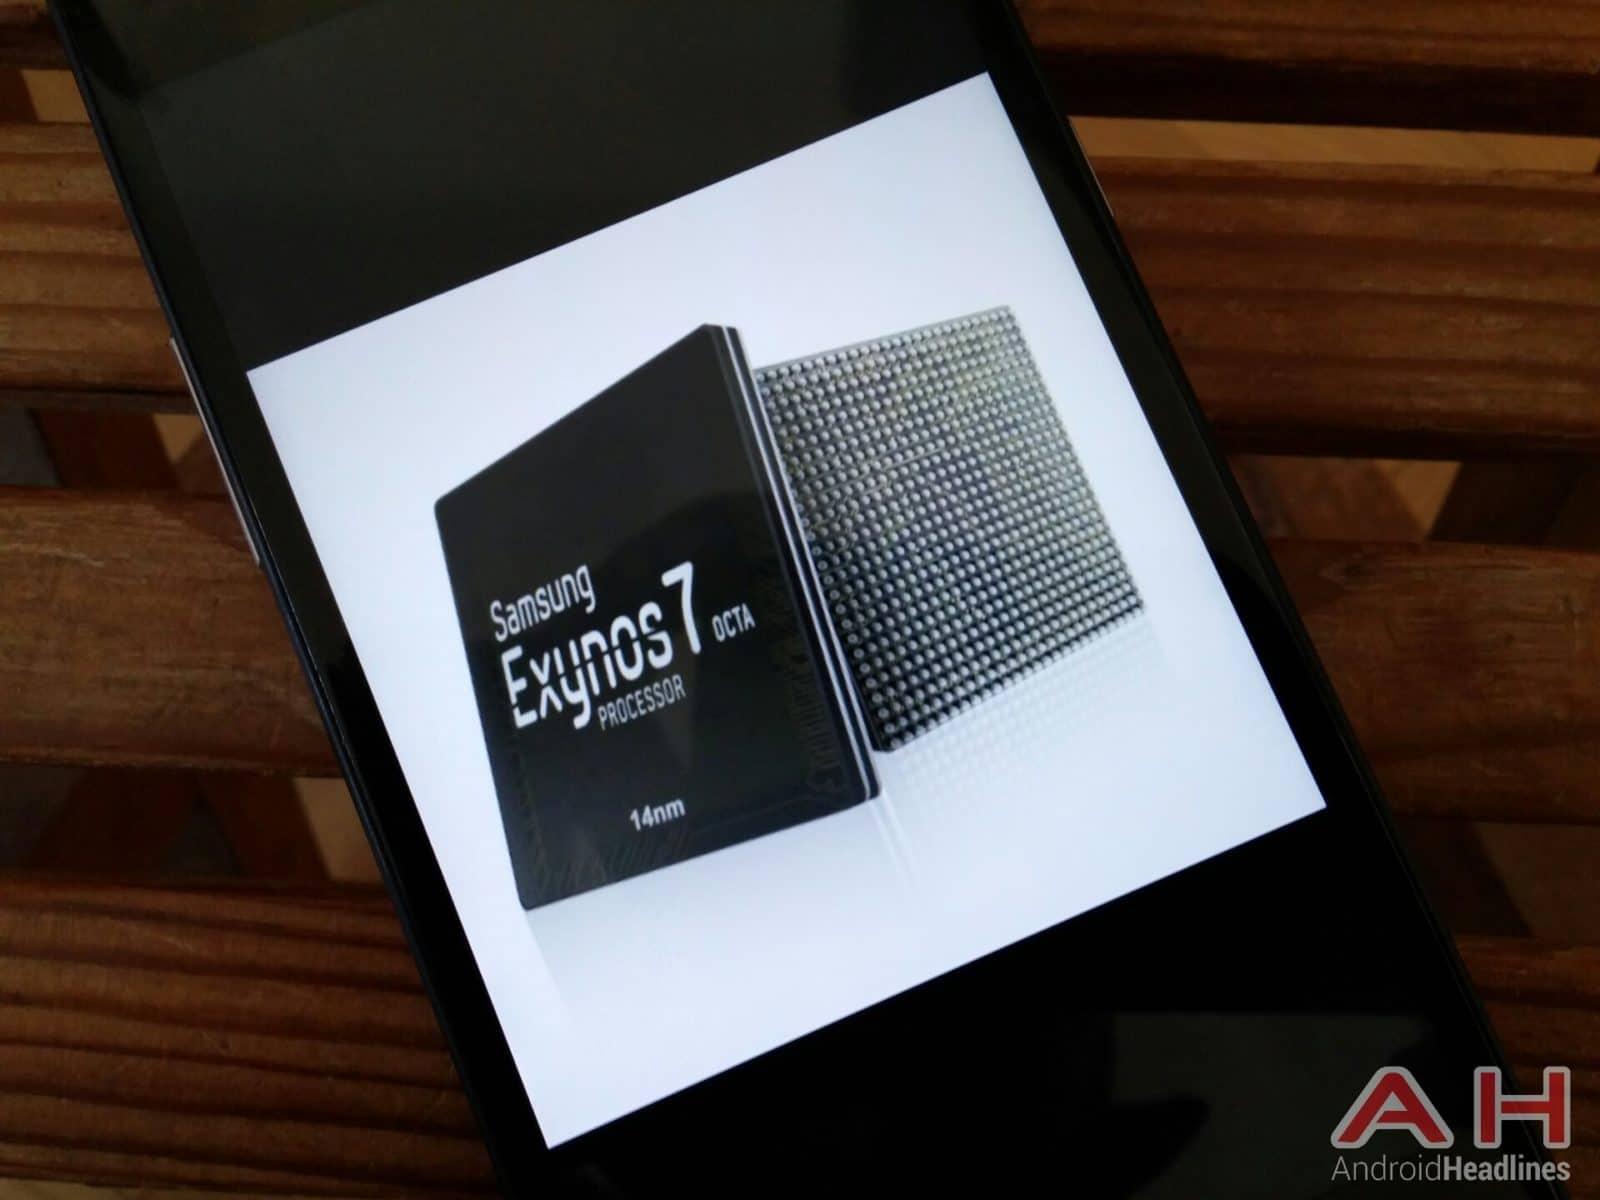 AH Samsung Exynos 7